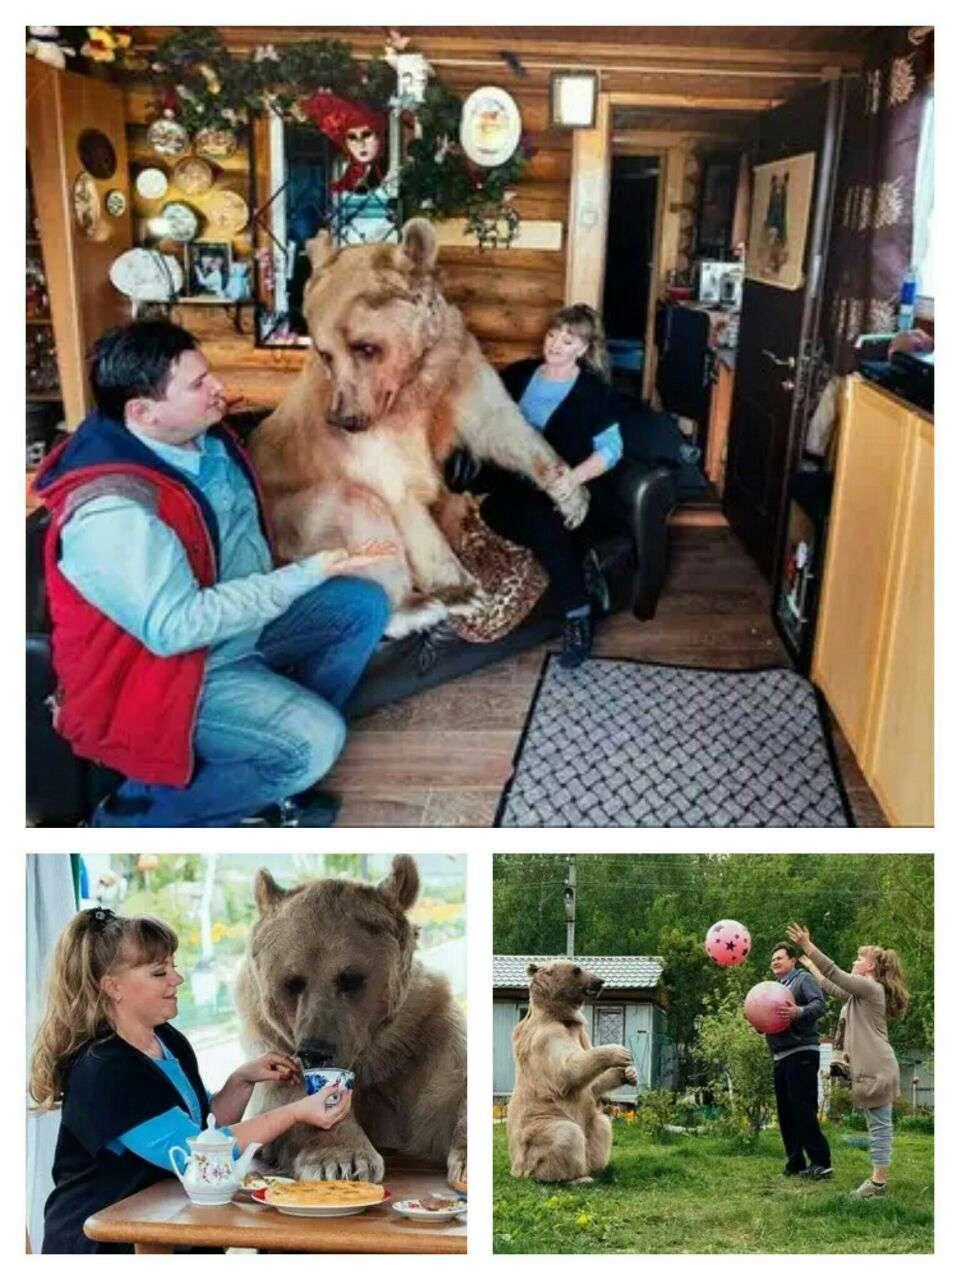 عکس مستند/ این زوج روسی دوستدار محیط زیست، 23 سال با این خرس زندگی میکنند و با وجود این که این موجود ذاتاً یک موجود غیر اهلی است هیچگاه در رابطه دوستانهشان مشکلی بهوجود نیامده